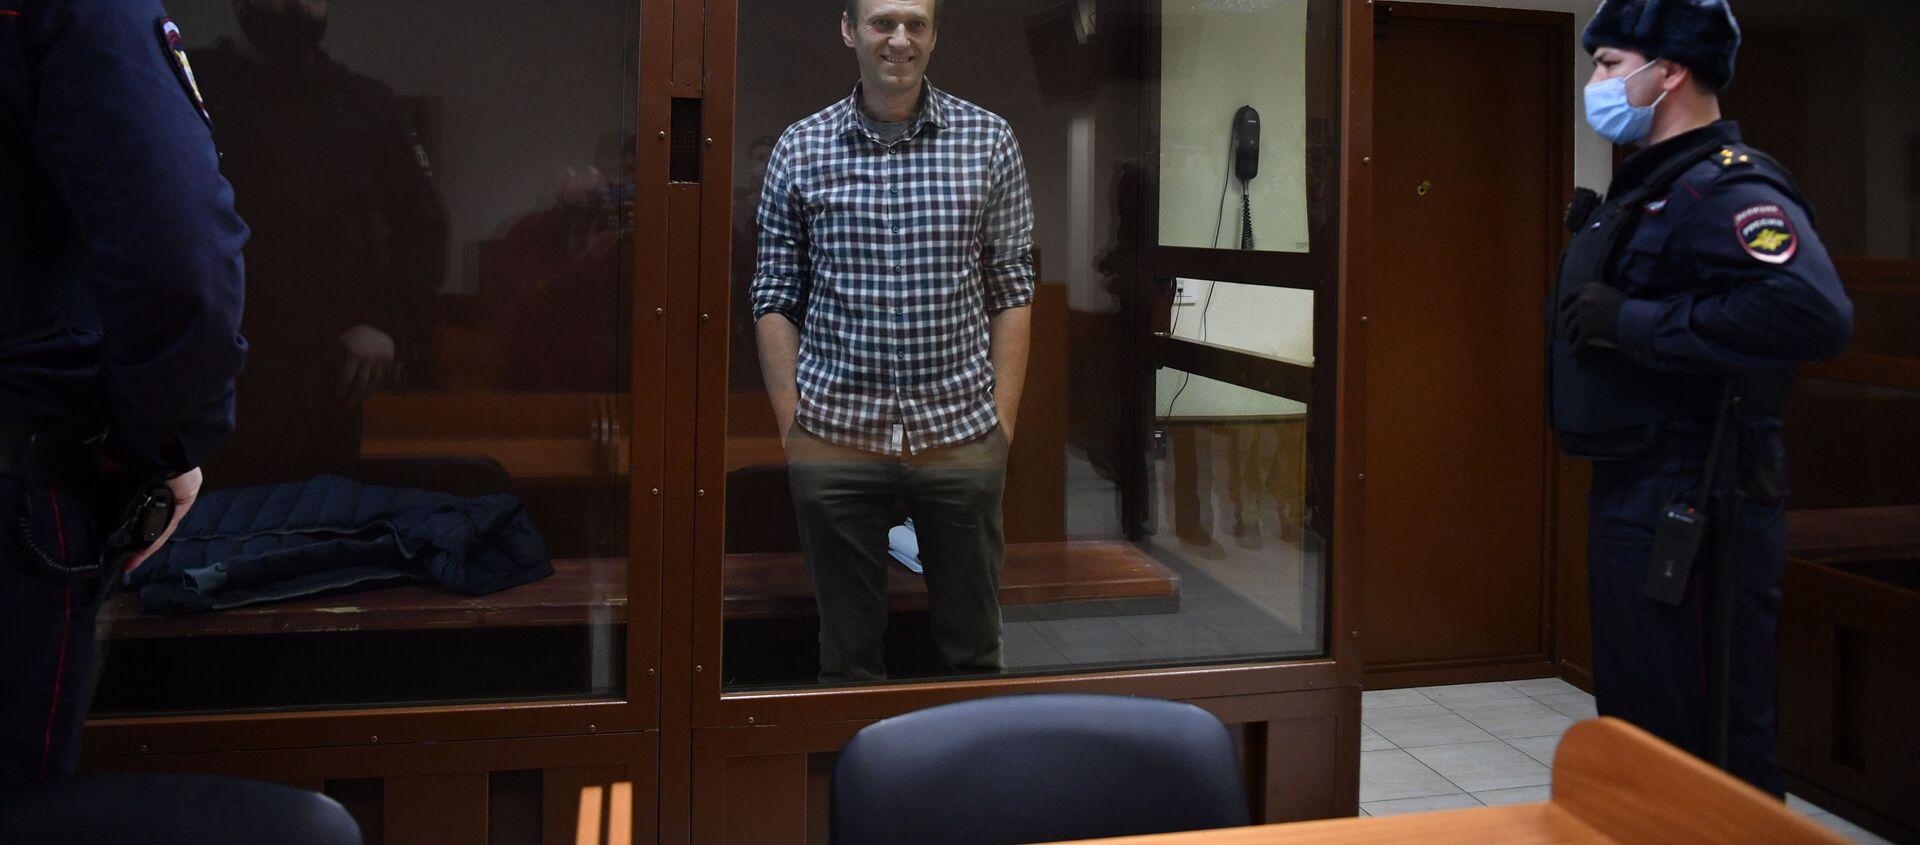 Aleksiej Nawalny na sali rozpraw w Rejonowym Sądzie Babuszkinskim w Moskwie. - Sputnik Polska, 1920, 27.02.2021